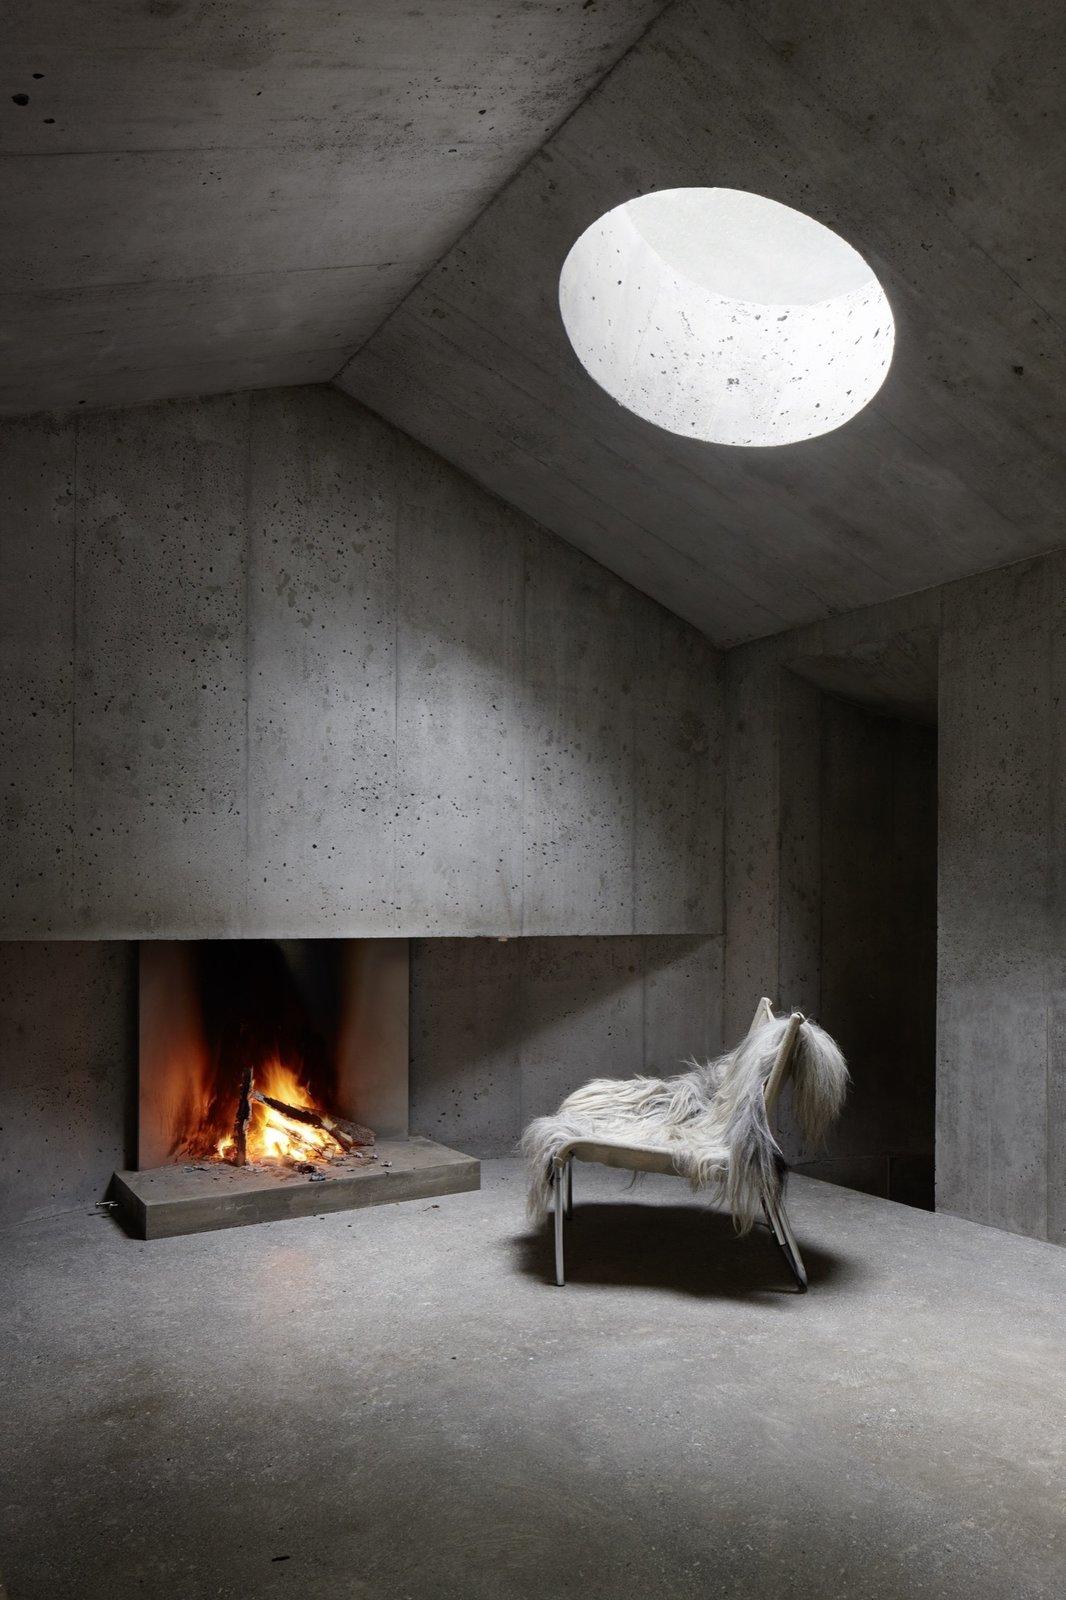 #alpinemodern #design #lifestyle #modern #elevatedliving #quiestdesign #refugeinconcrete #concrete   Photo courtesy of Ralph Feiner   Refuge in Concrete